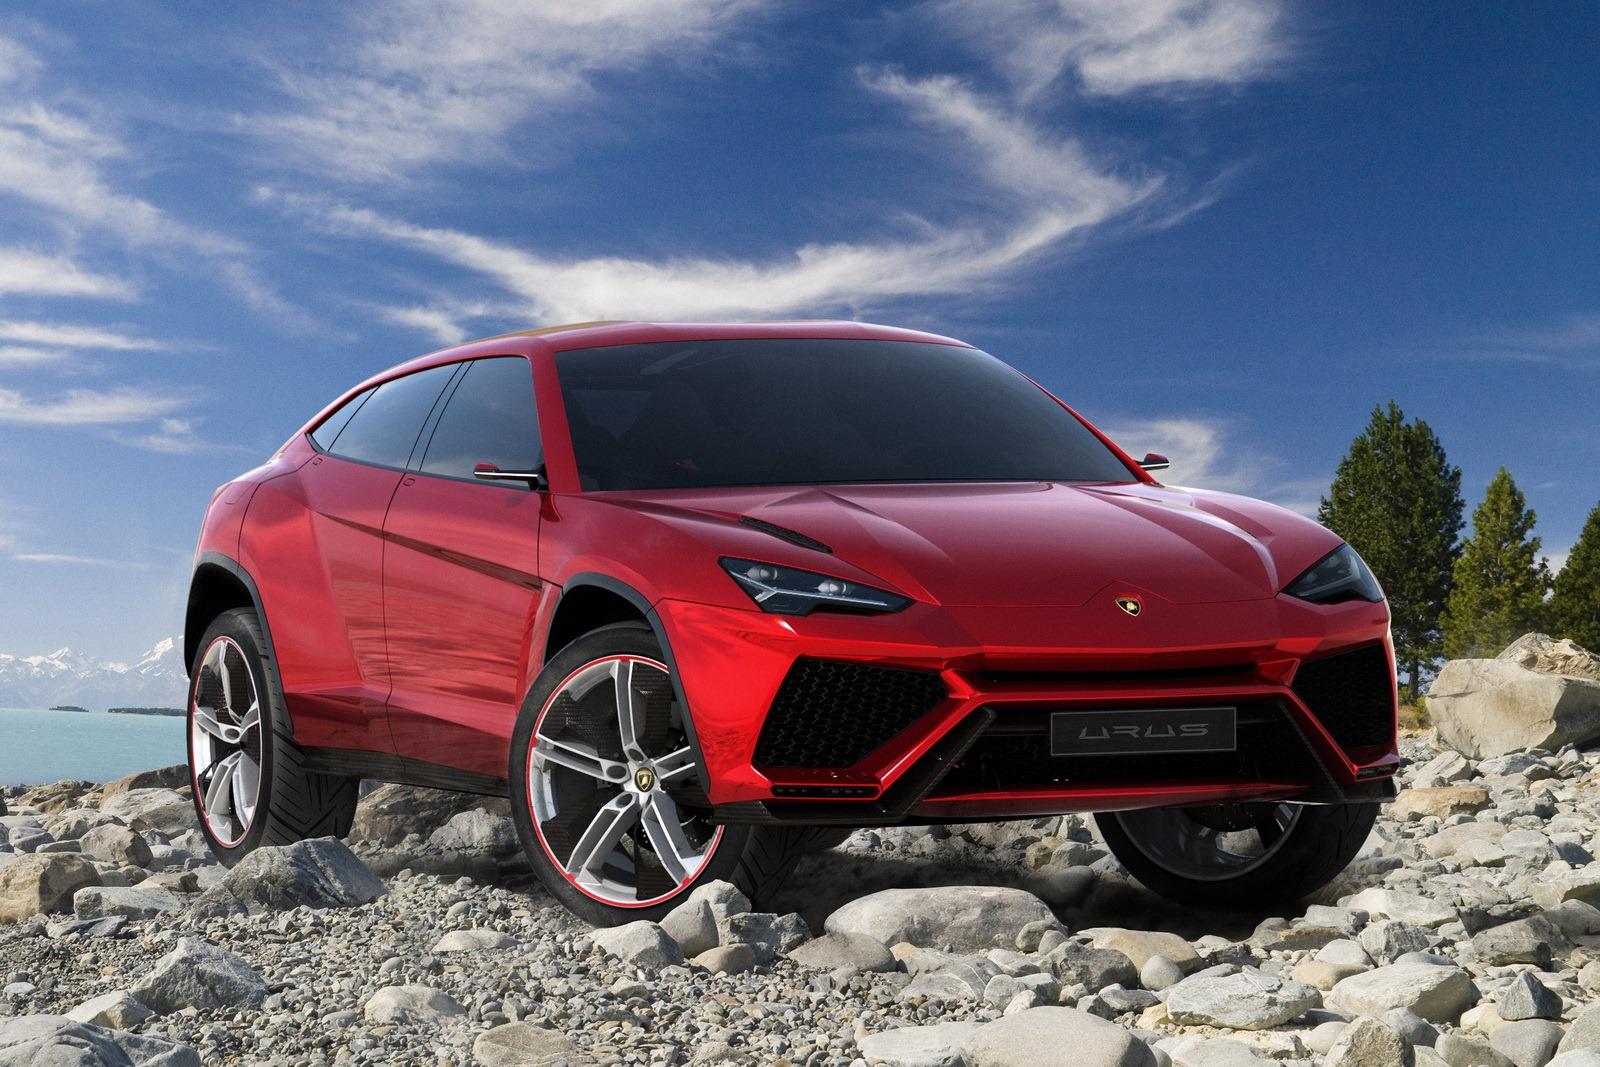 Lamborghini-Urus-10%255B3%255D.jpg